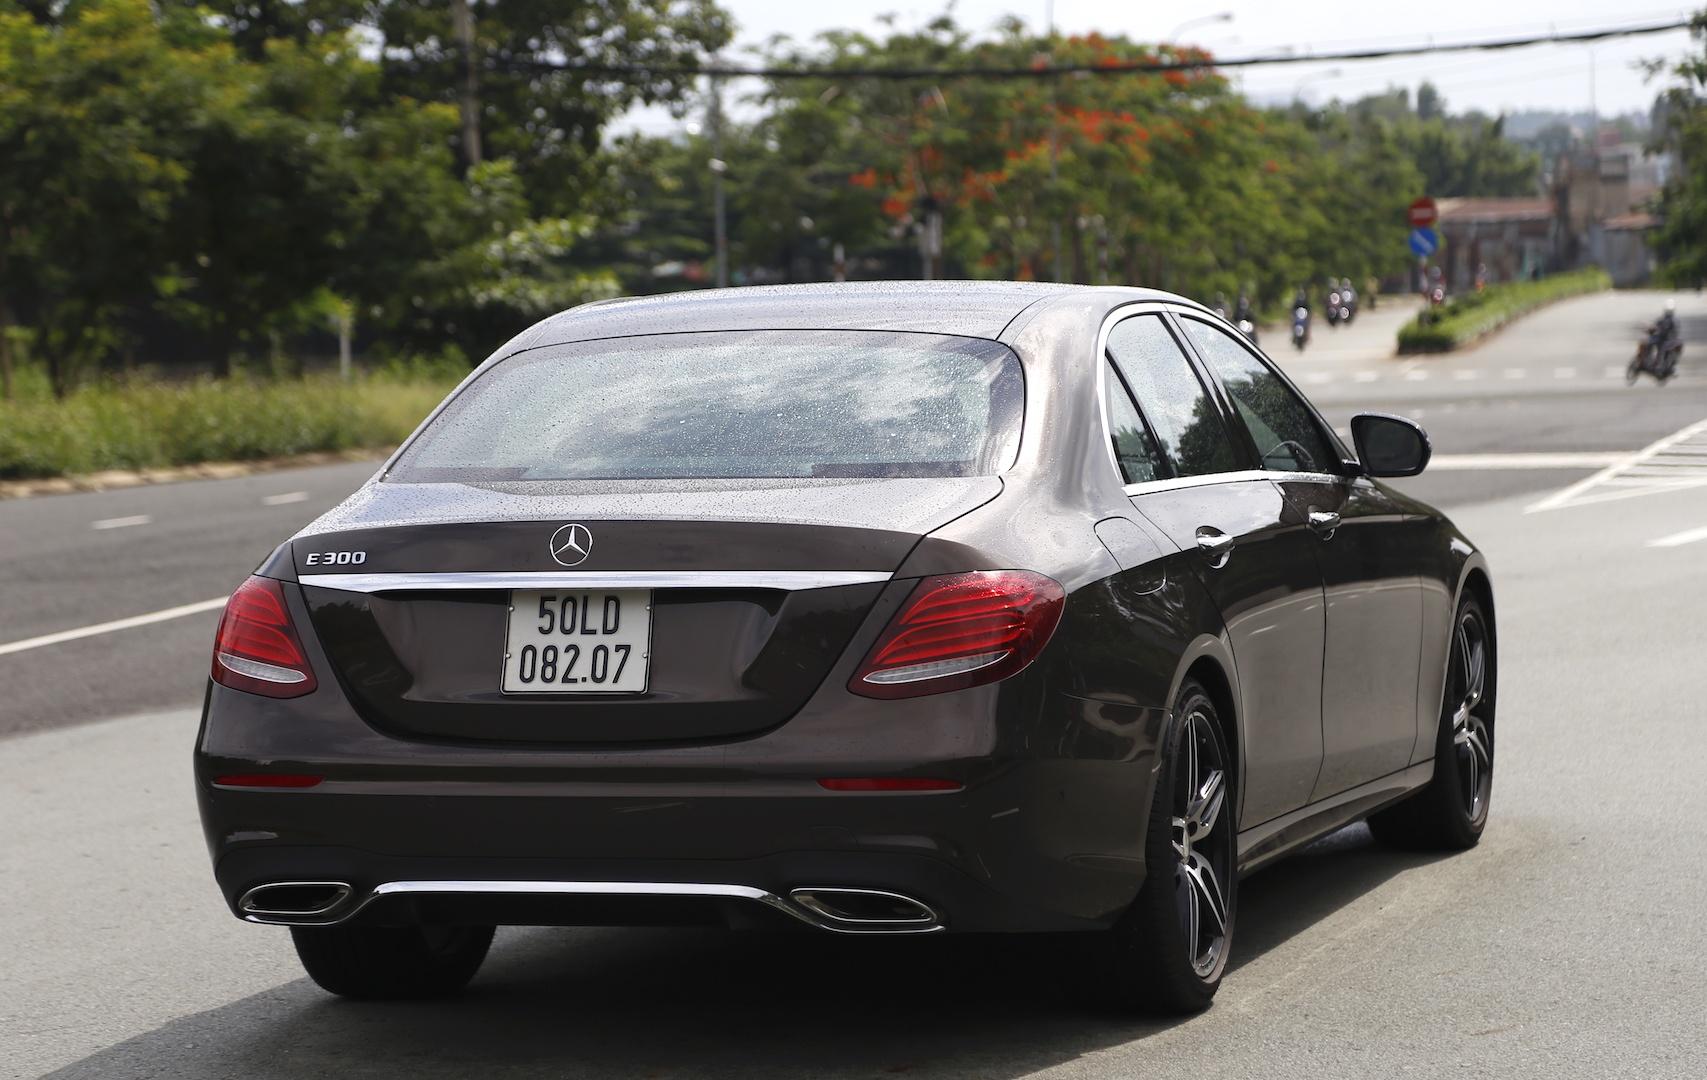 Mercedes E300 AMG - sedan hang sang gia 3 ty dong tai Viet Nam hinh anh 9